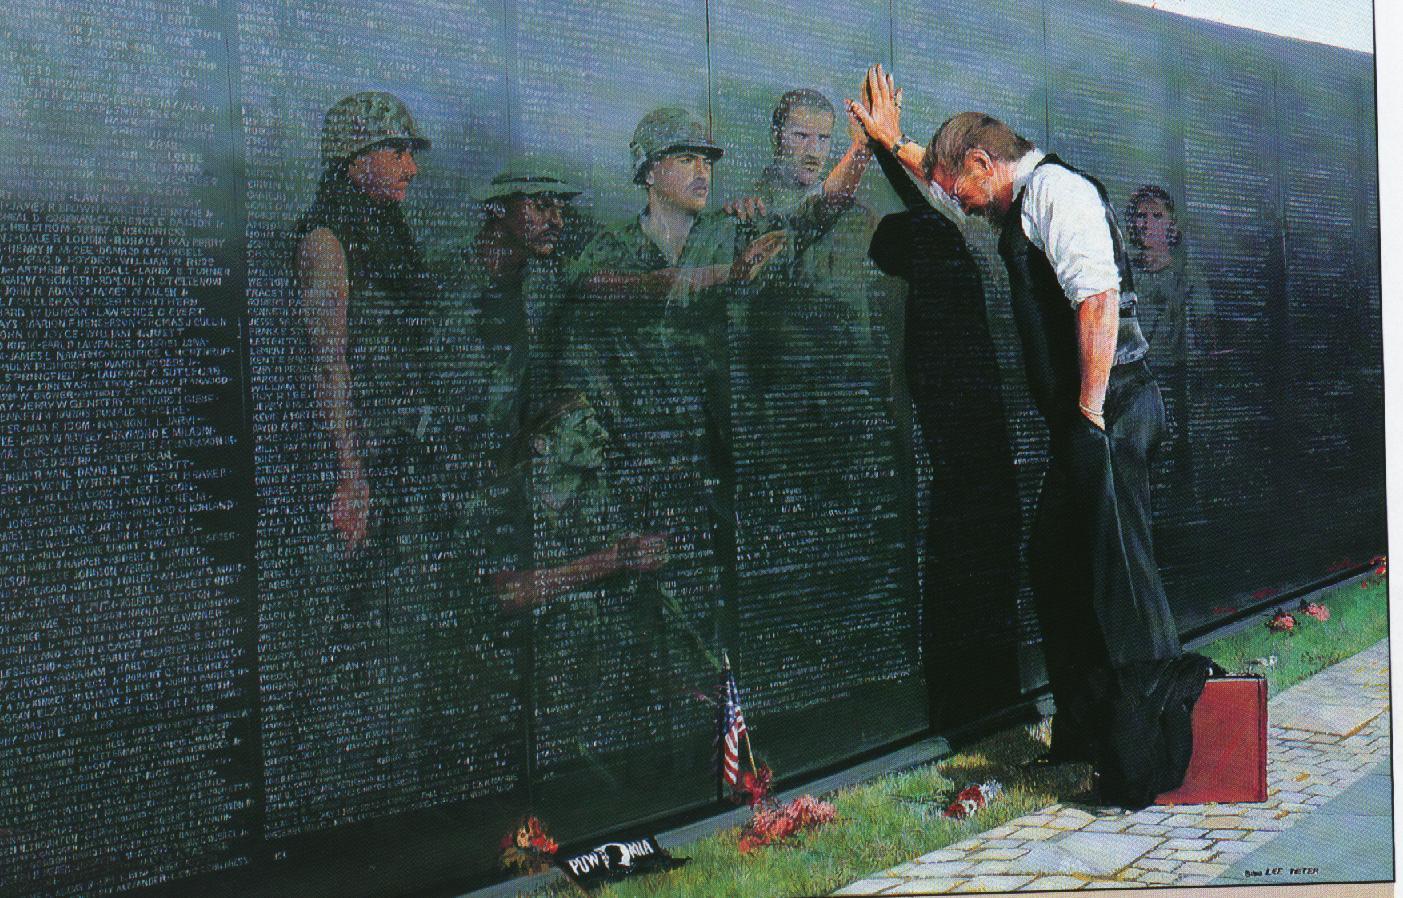 Vietnam Veterans Wall Clip Art.